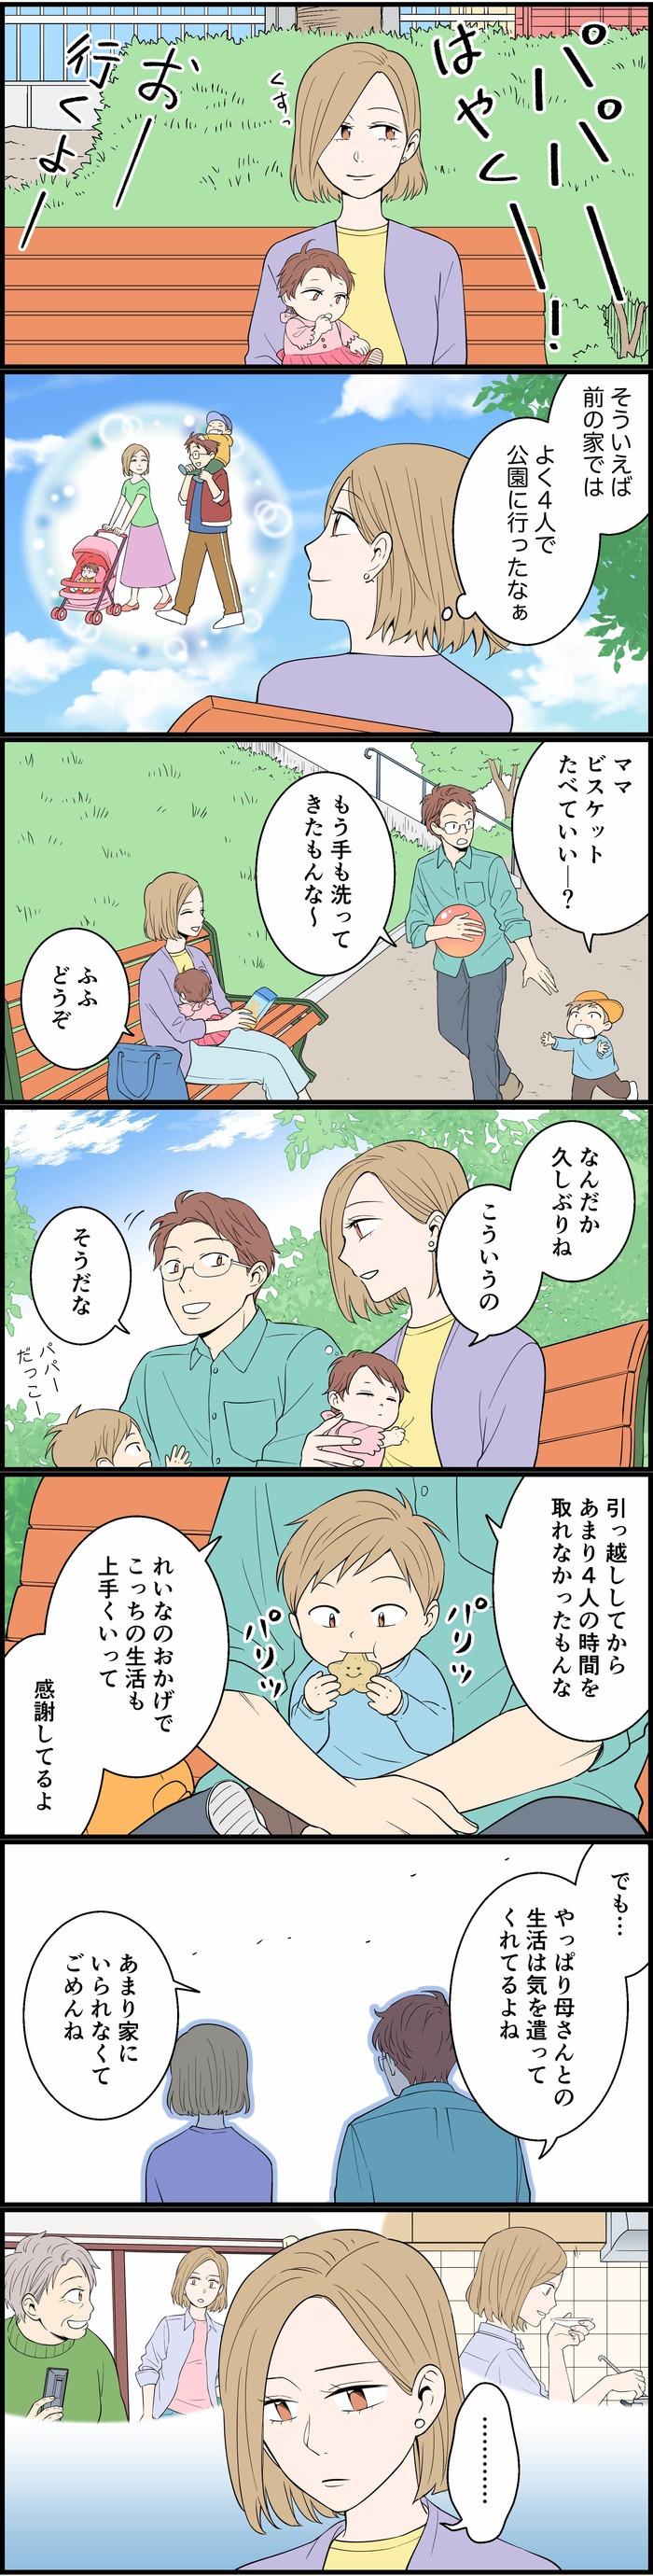 """同居を始めて2週間…義母がいない場で交わす、""""夫婦の会話""""。の画像2"""